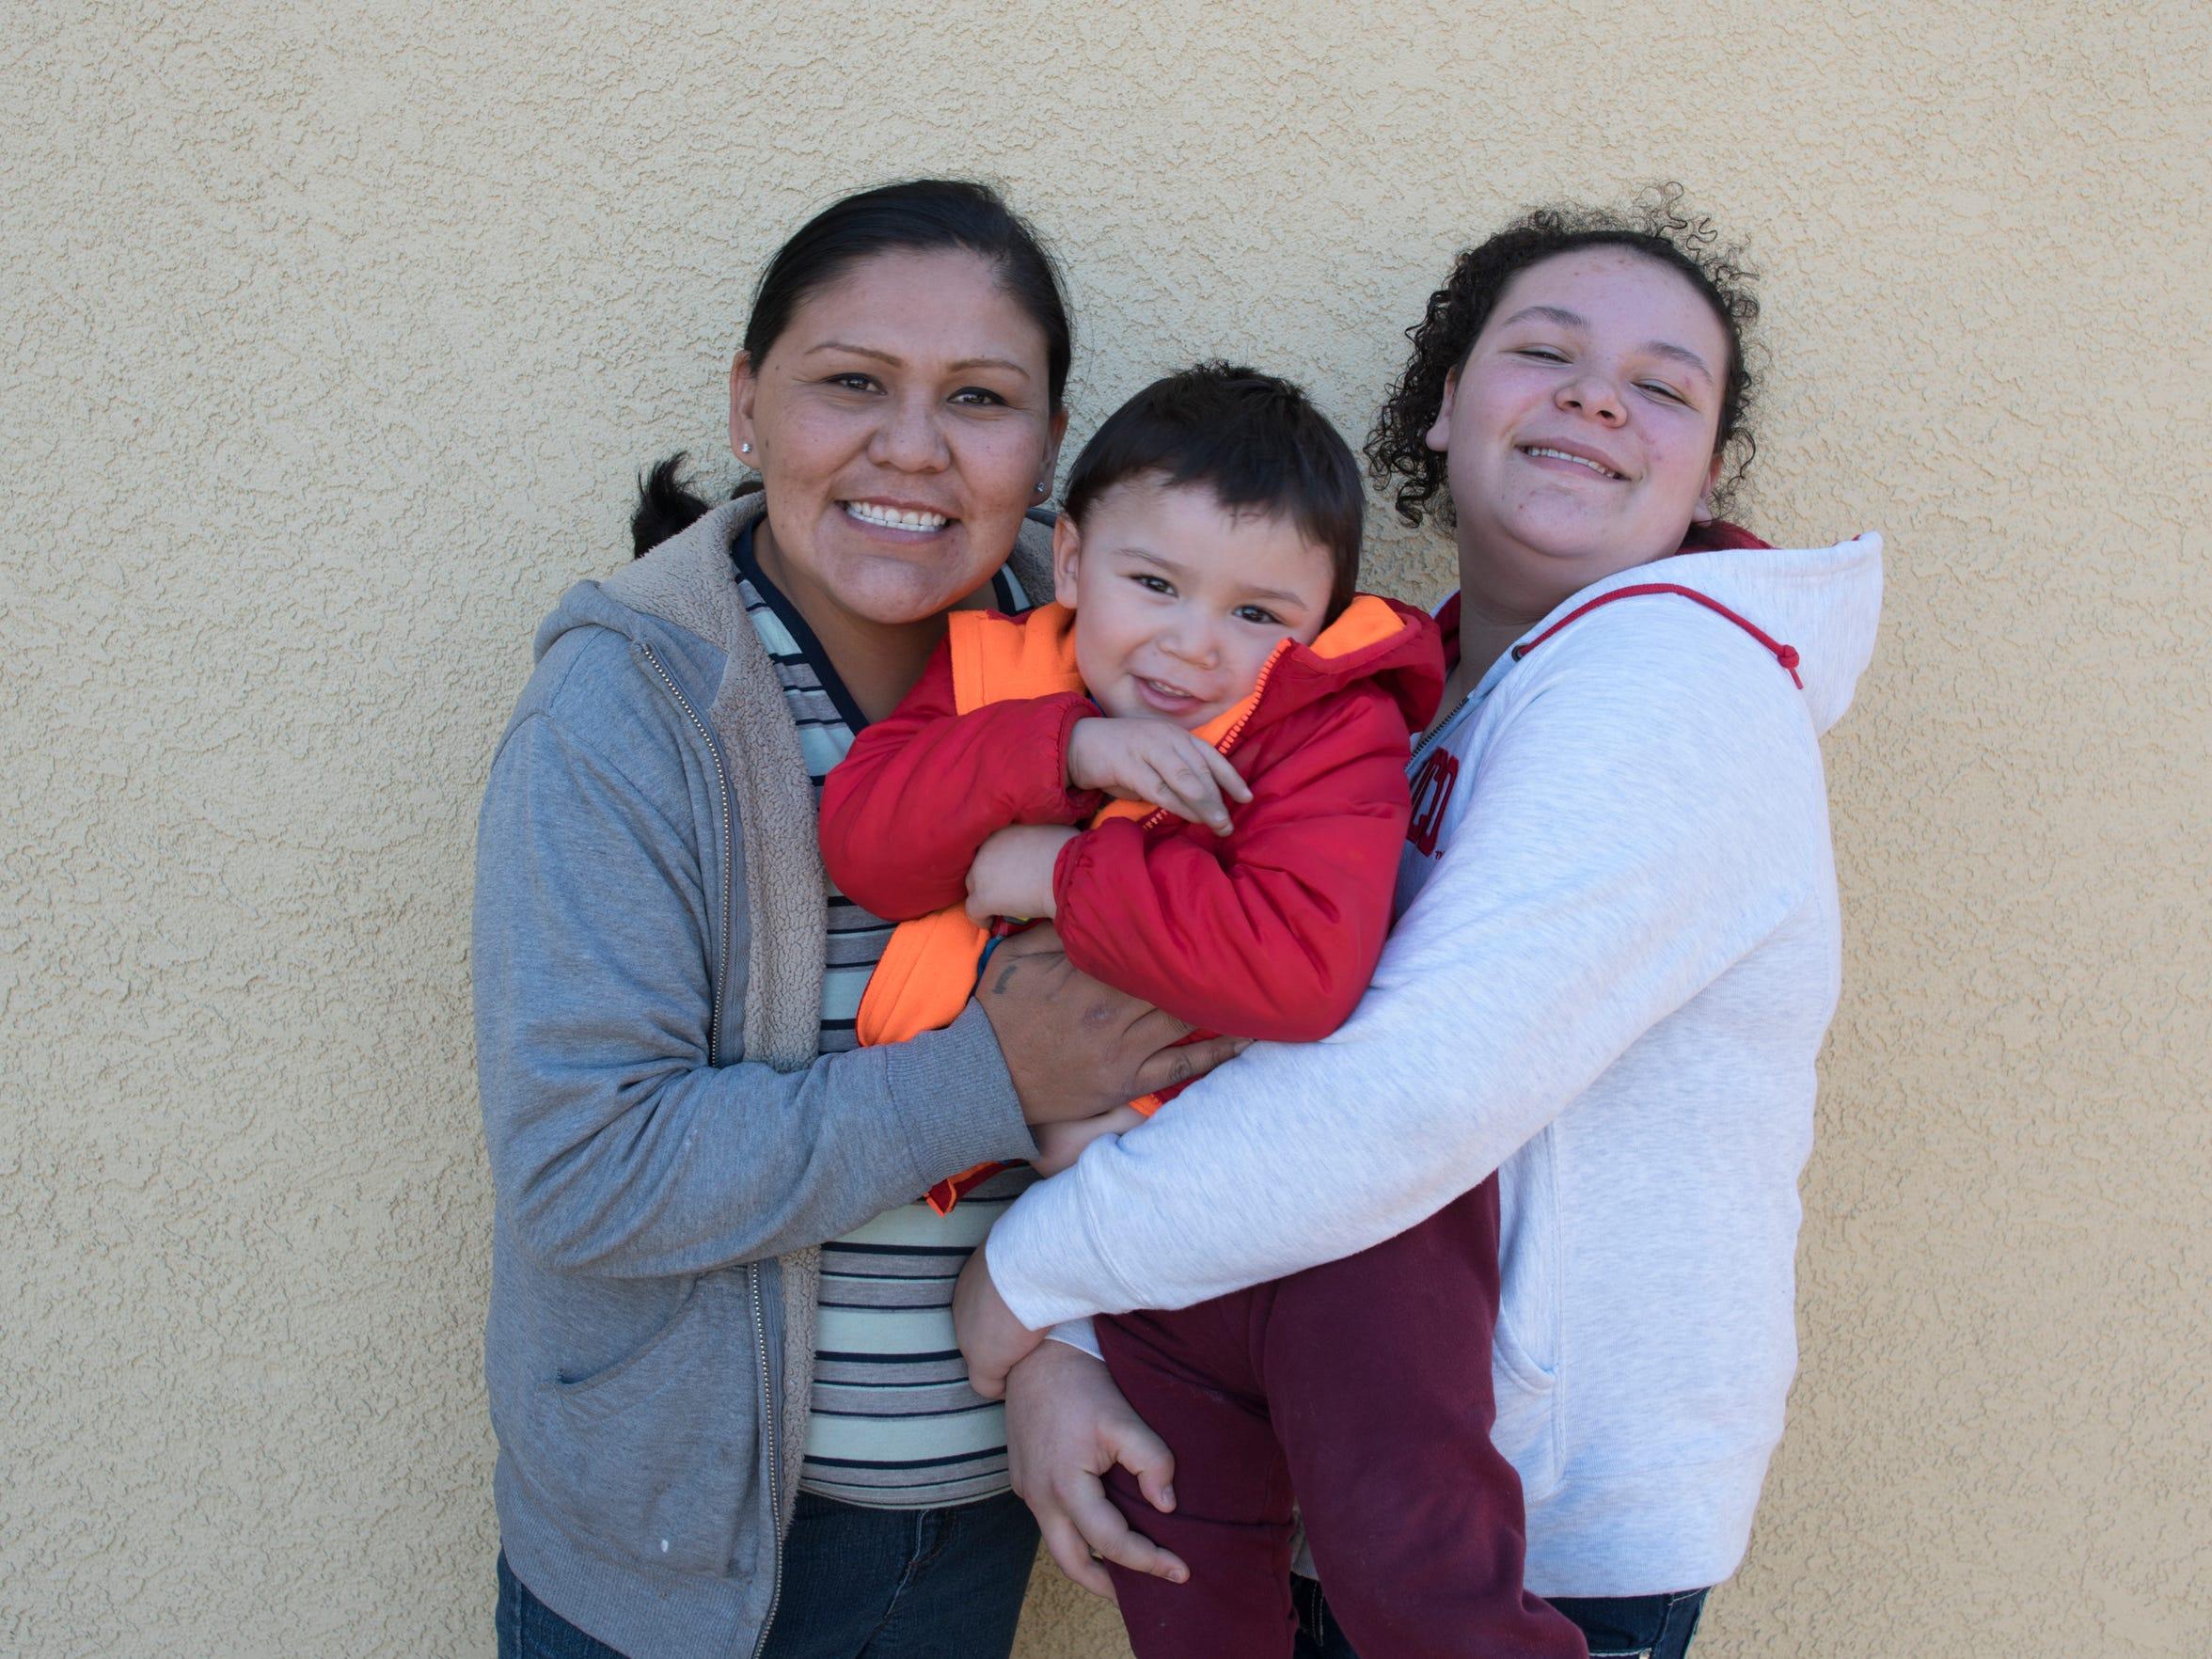 Rhonda Ramirez, Josiah Lucero and Jade Lucero in Albuquerque